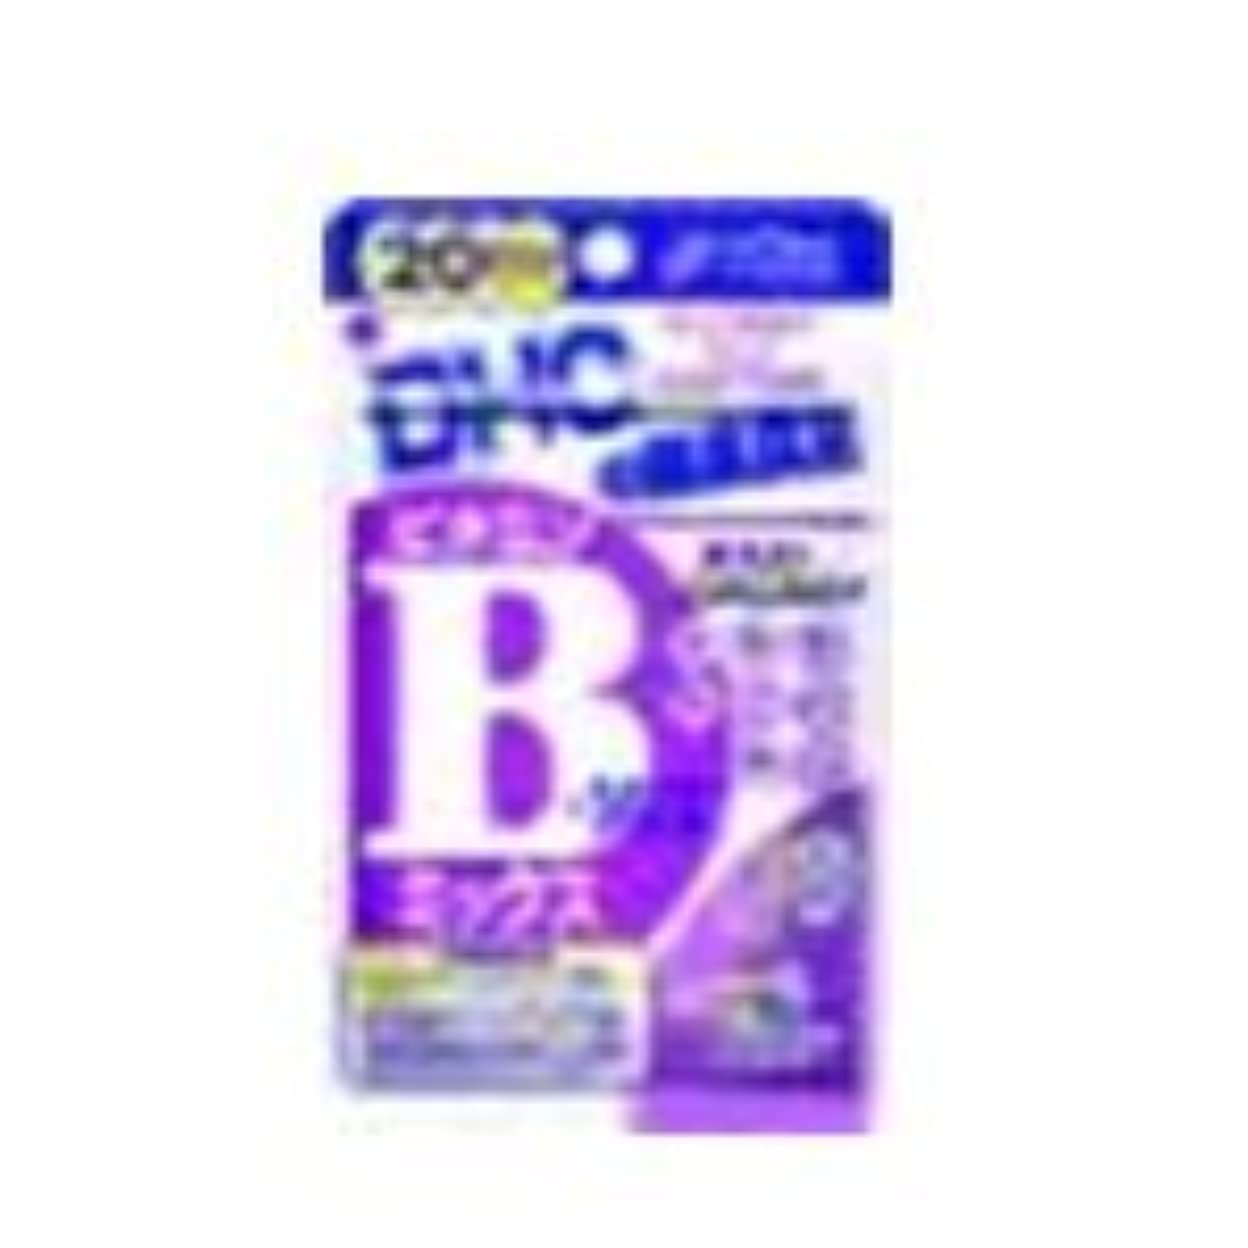 セグメント転用覚醒DHC ビタミンBミックス 20粒 (20日分)